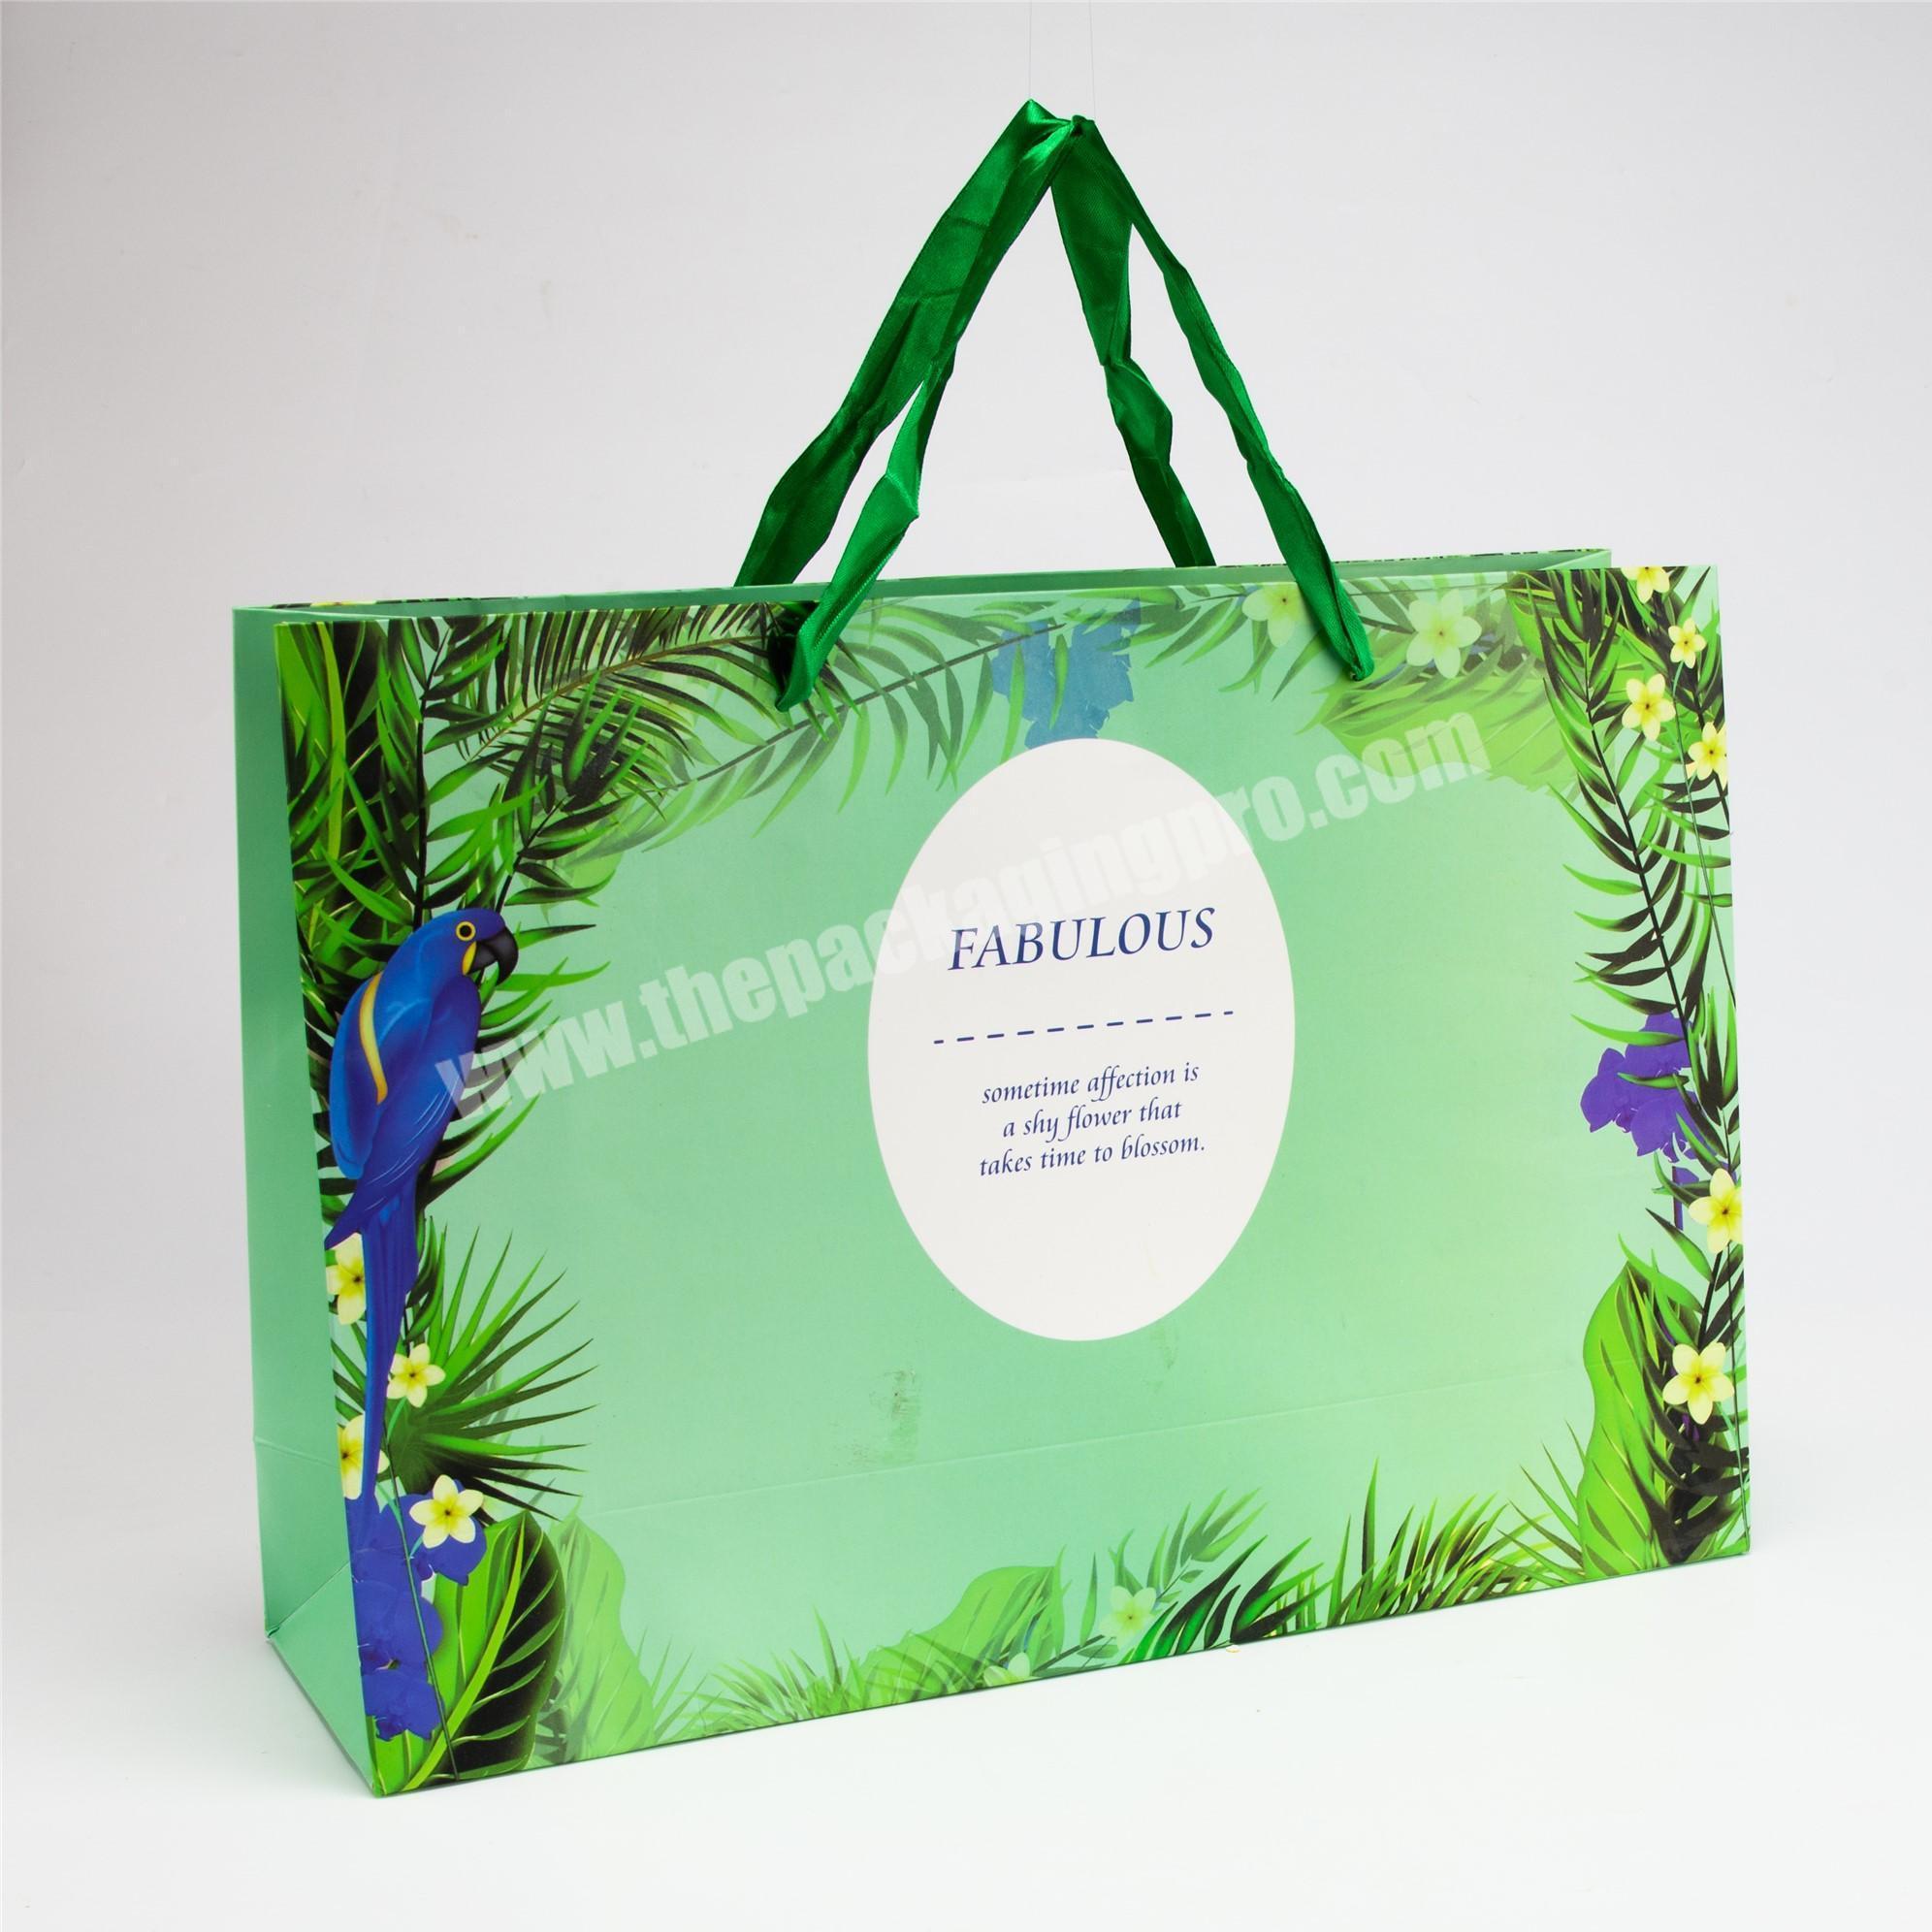 Factory luxury hand bags paper packaging kraft  wedding